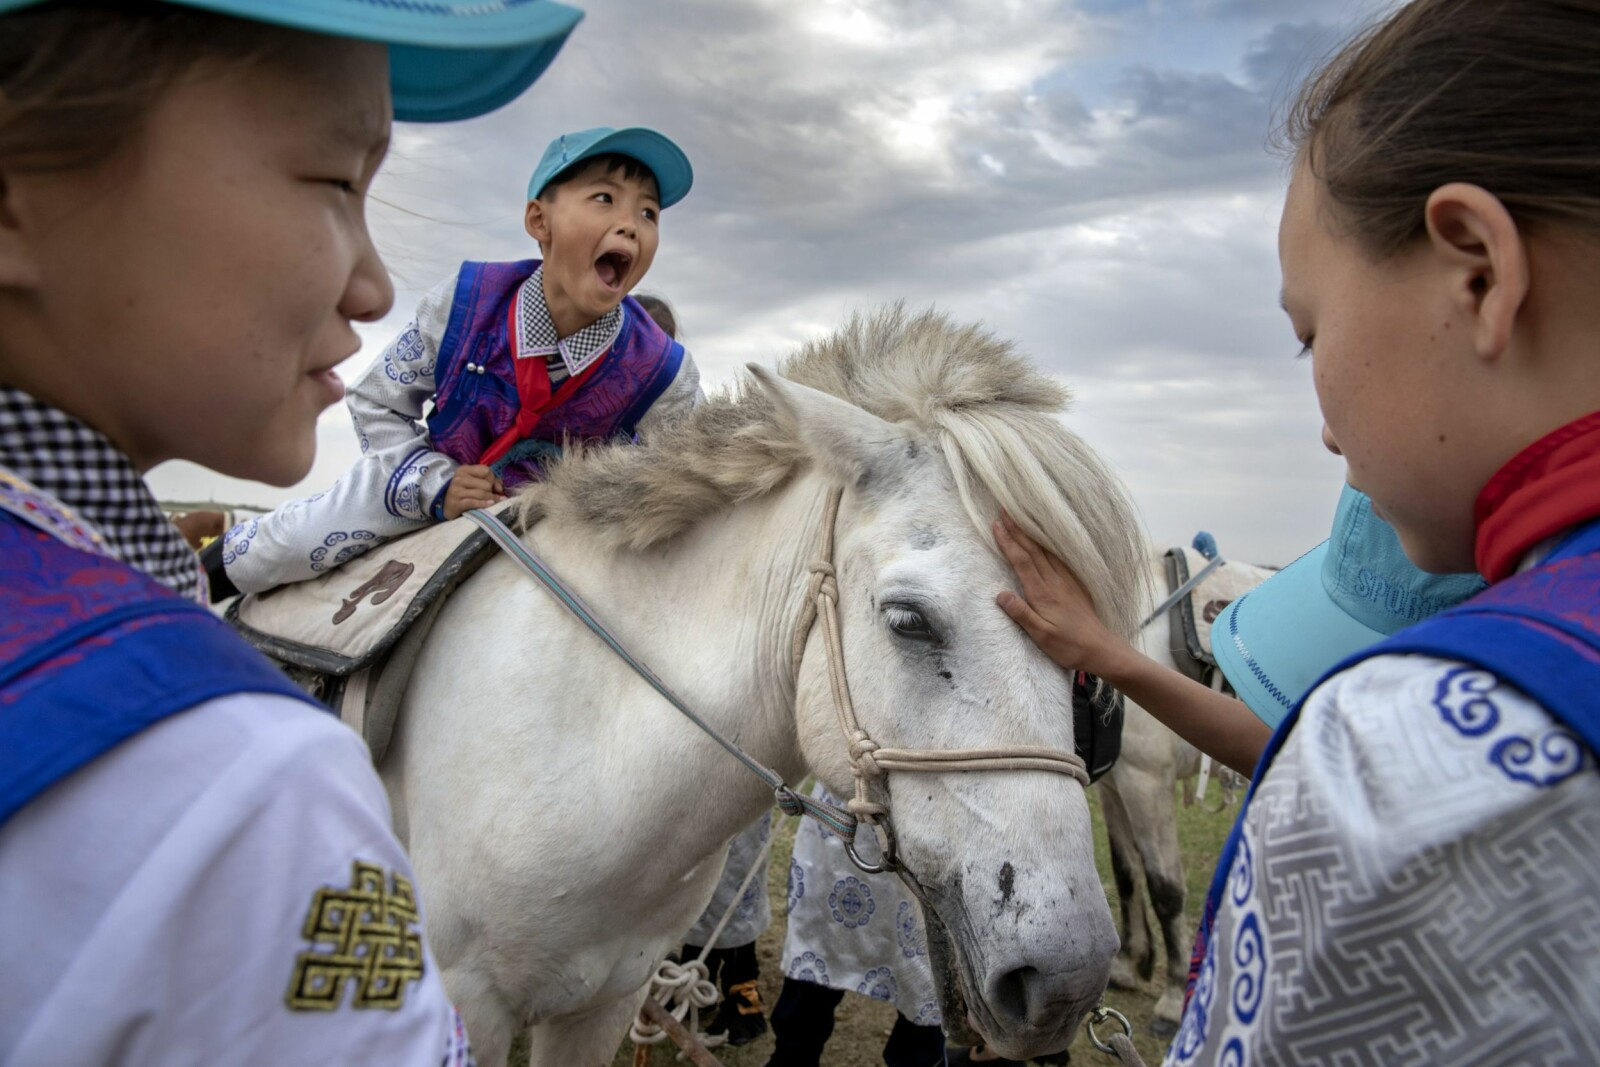 <b>DEBUT PÅ HEST:</b> Flere skoleklasser lærer om sine mongolske forfedres gamle tradisjoner. Og selv om disse barna er av mongolsk herkomst – et folk som er kjent for å lære å ri før de kan gå – er dette første gang de sitter på en hest.